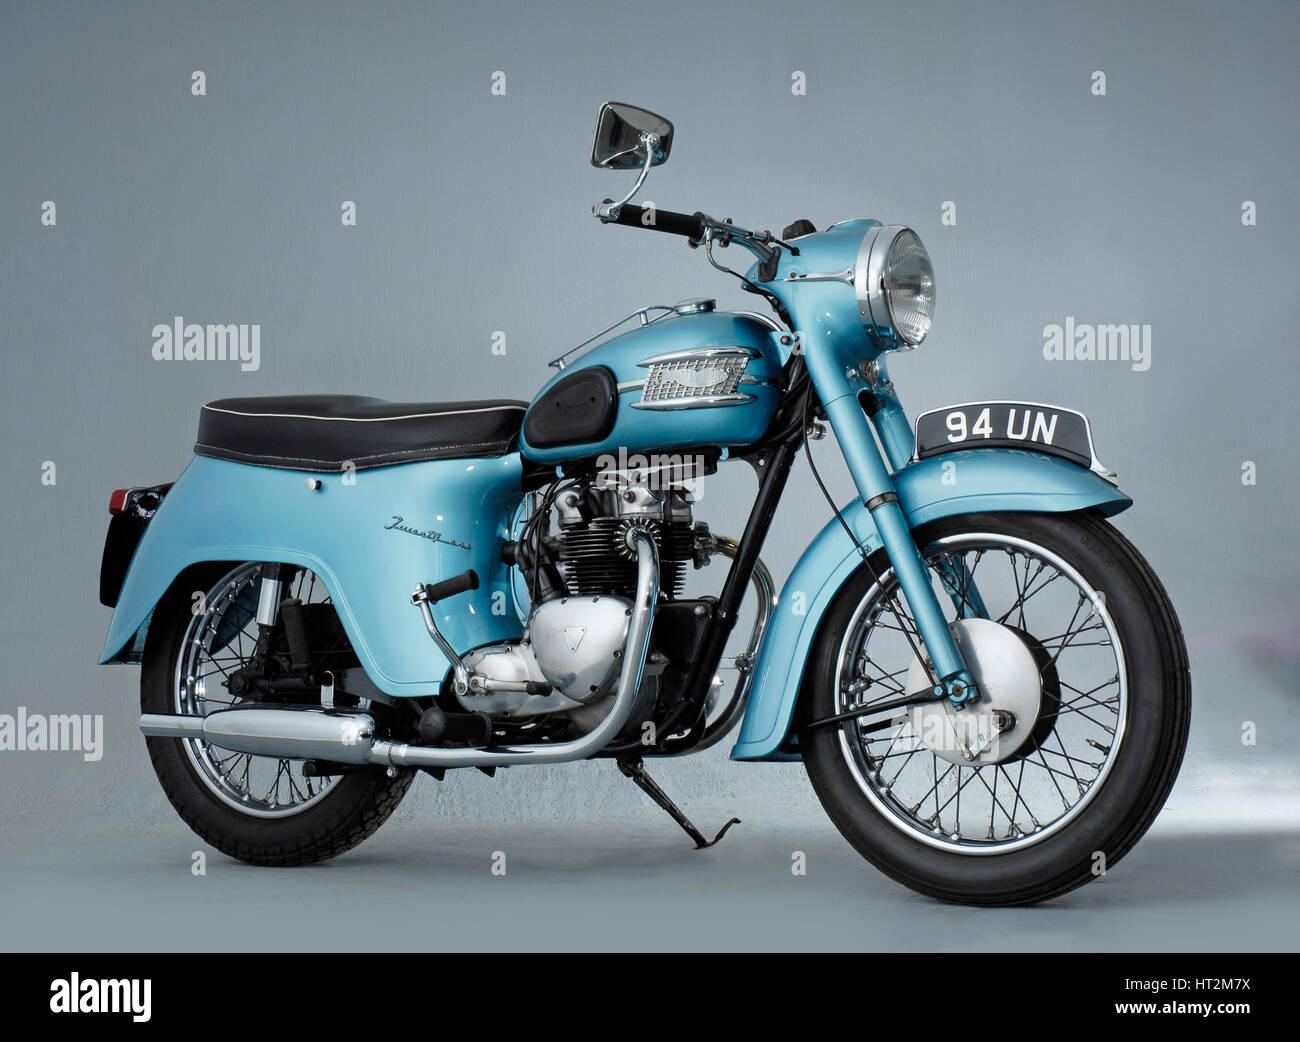 1962 Triumph 3TA. Artist: Unknown. - Stock Image